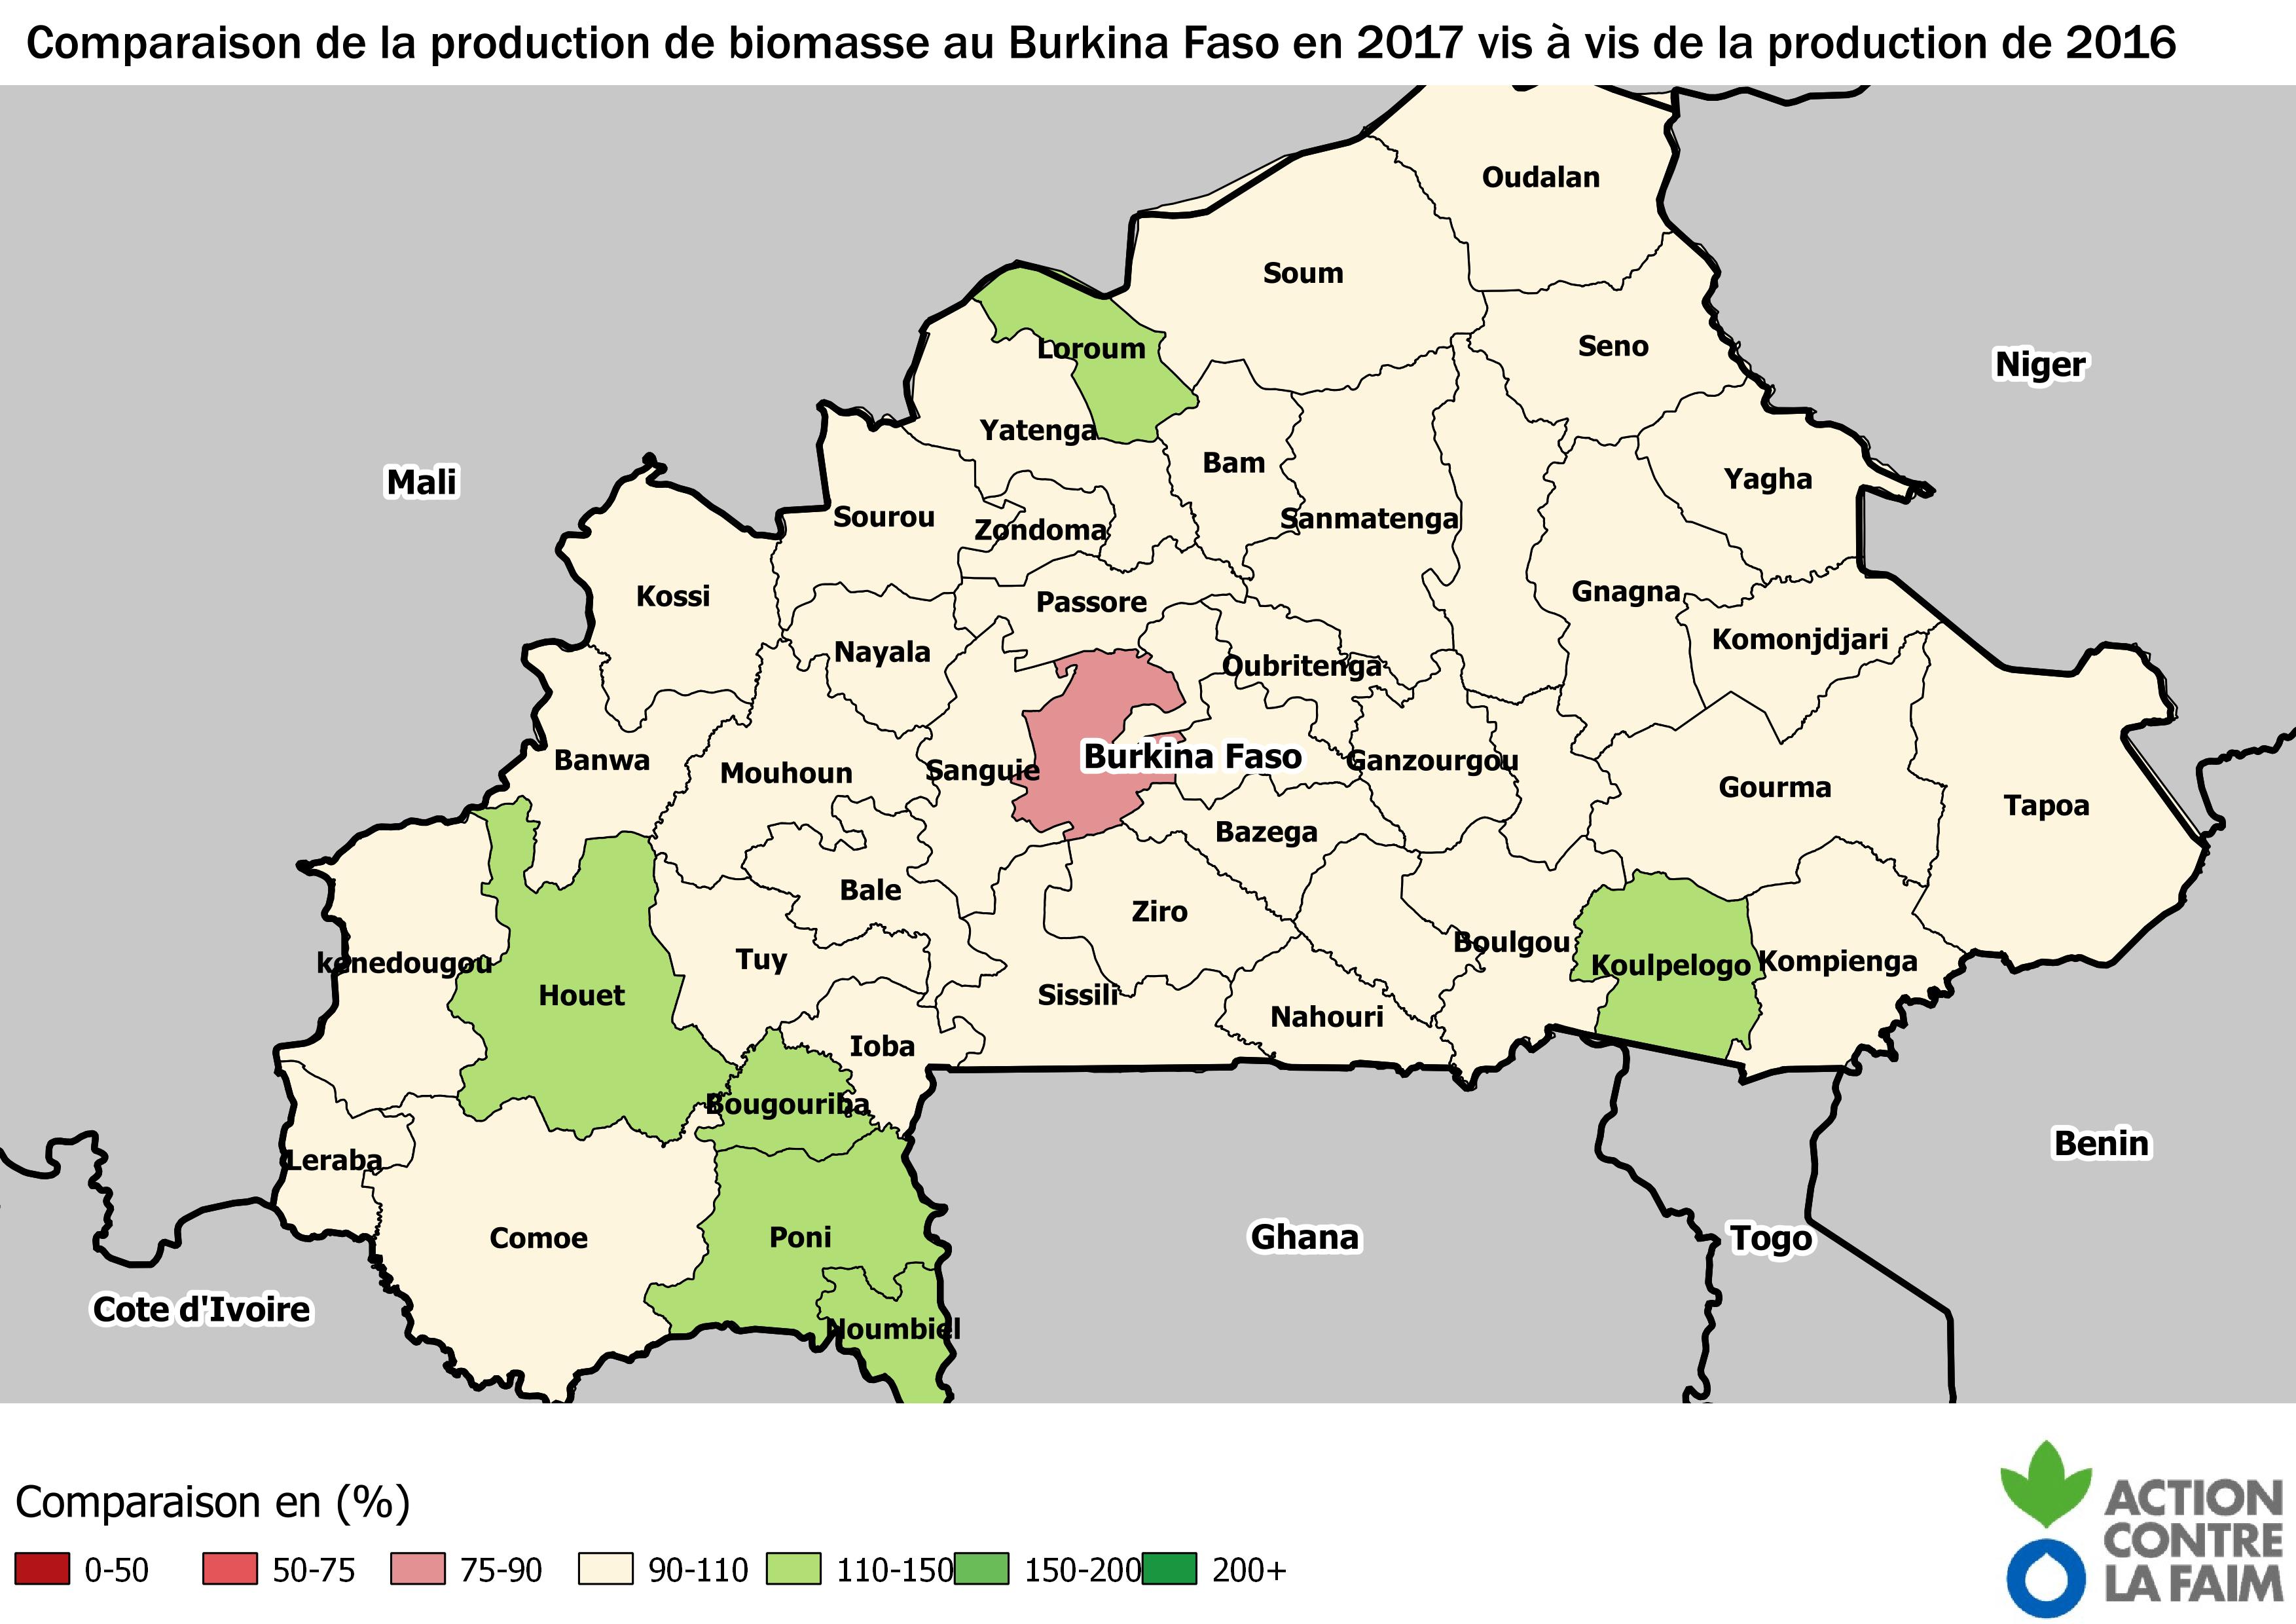 Production 2017 / Production 2016 en (%)